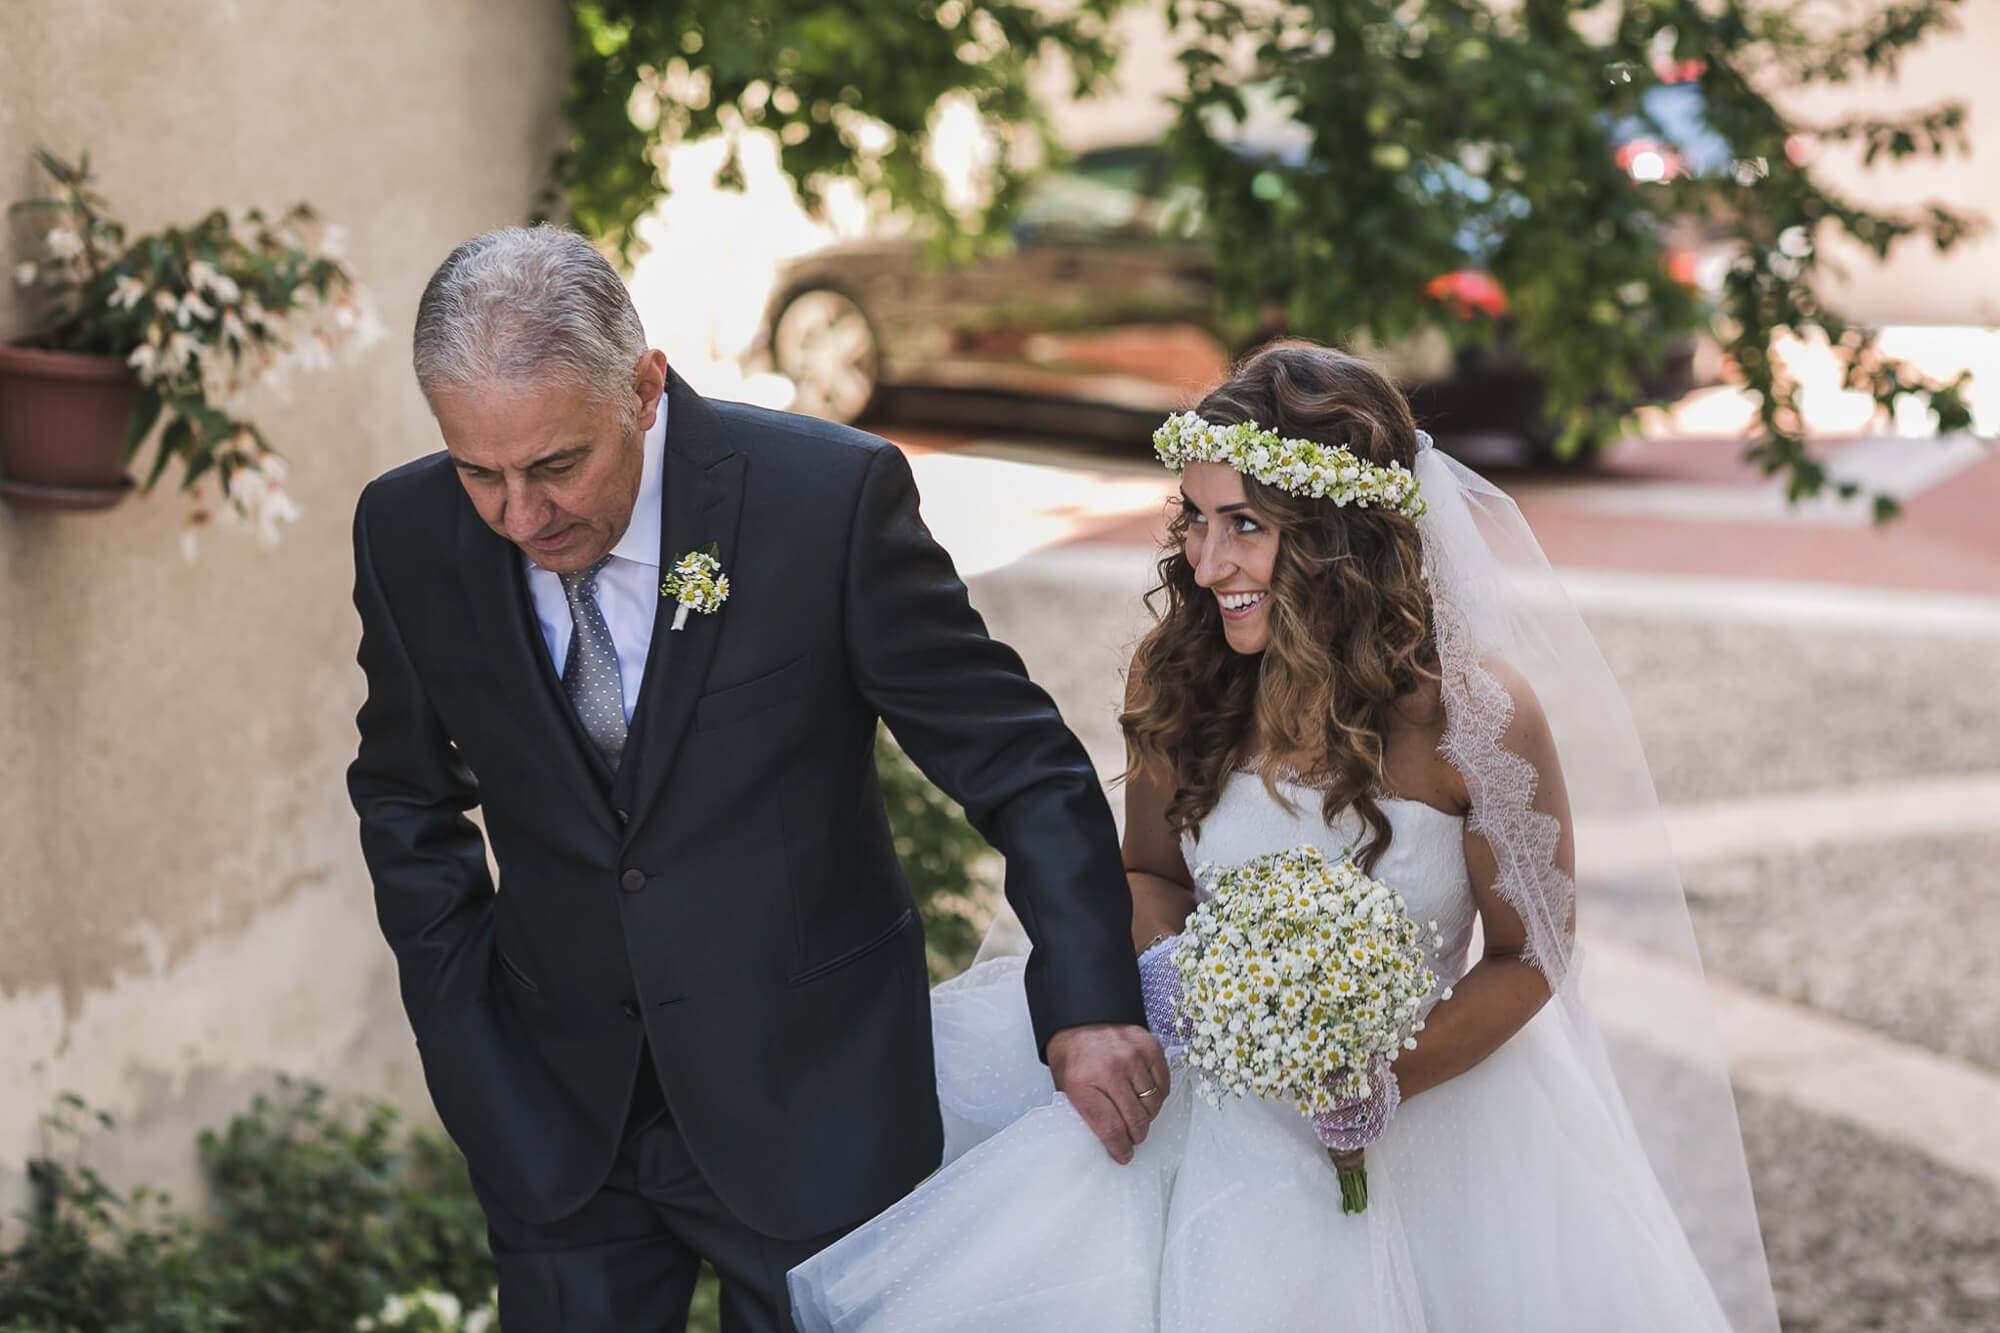 Servizio fotografico di matrimonio a Sacile, Villa Brandolini d'Adda. Serena e Luca sposi. Michelino Studio, fotografi di matrimonio professionisti in Veneto.